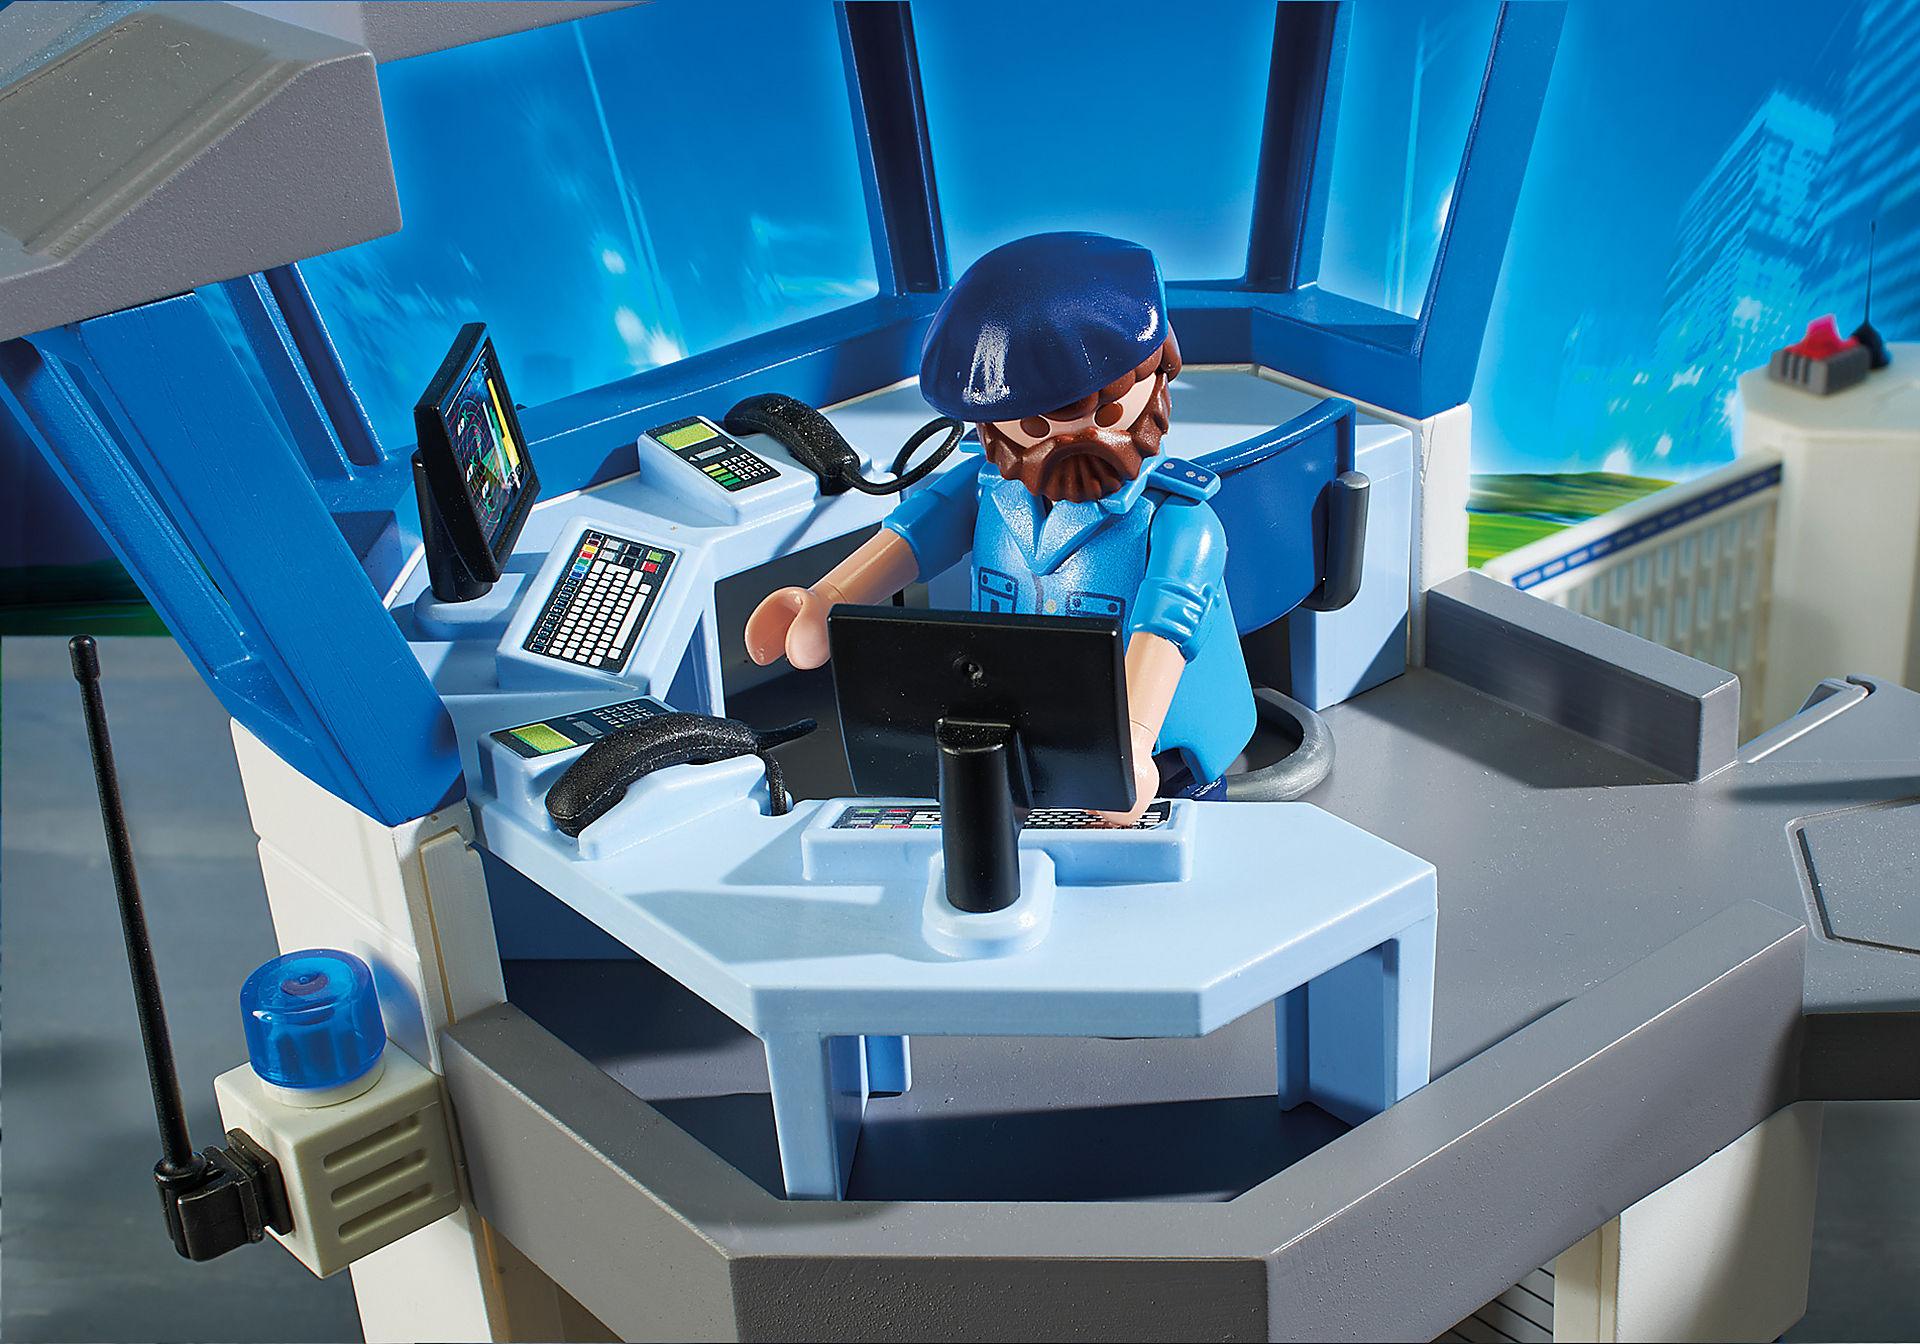 6919 Stazione della polizia con prigione zoom image8